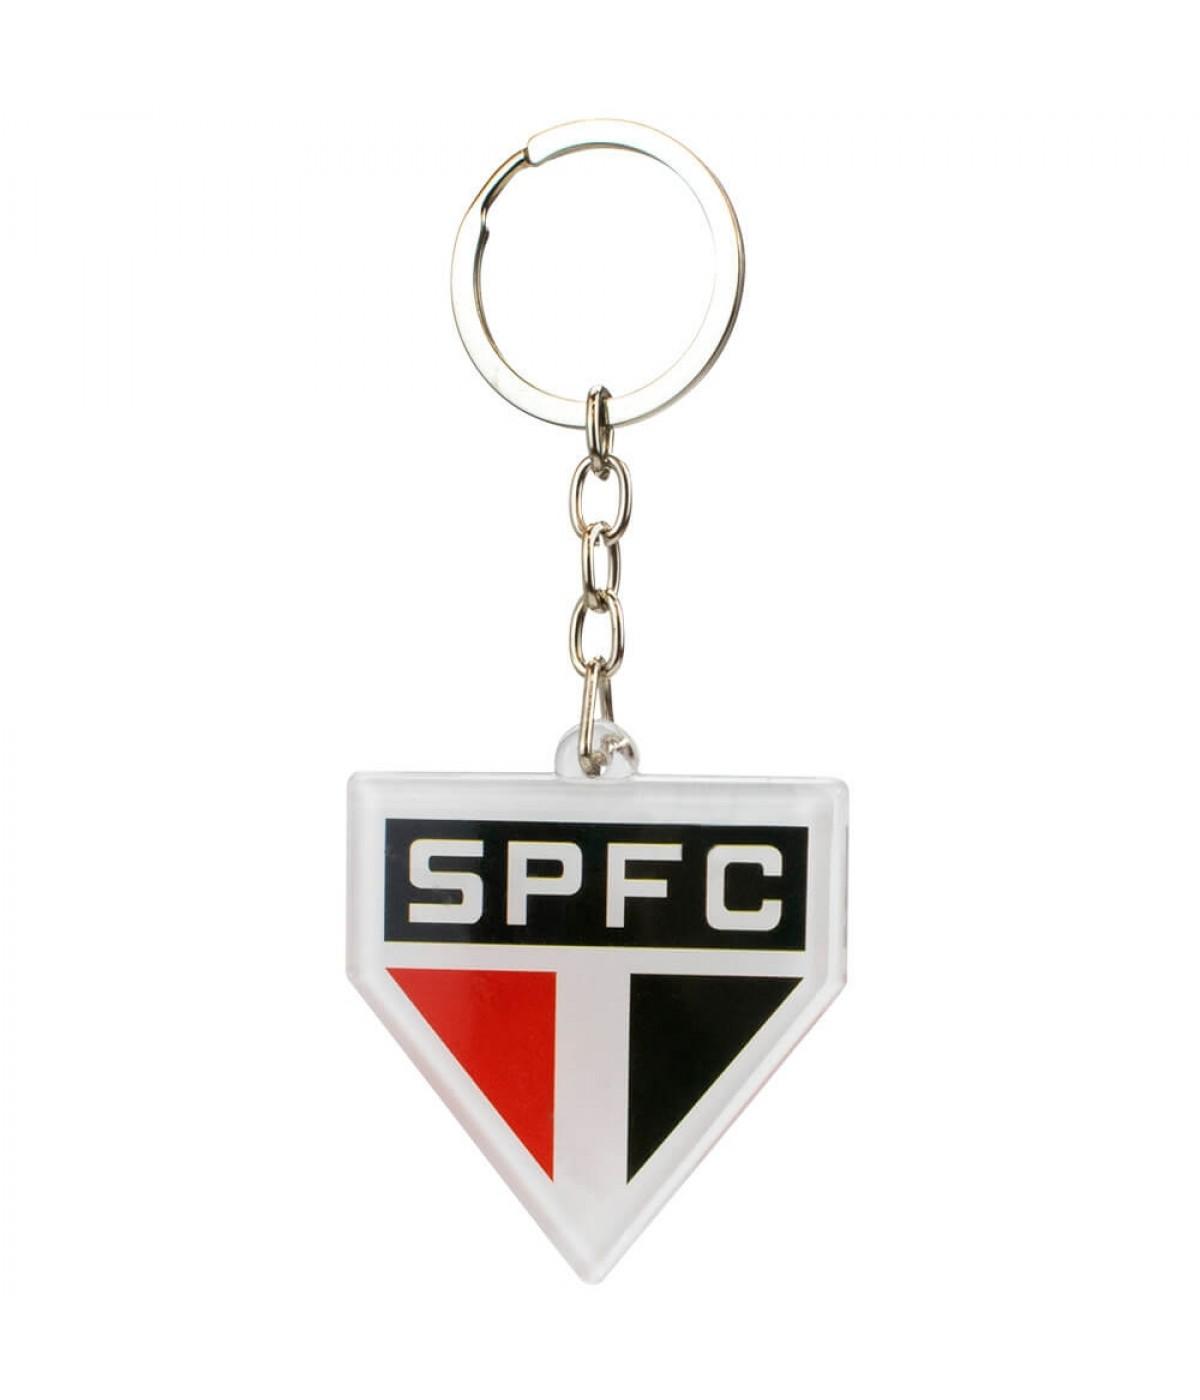 Chaveiro Escudo Time Acrílico 5cm - SPFC